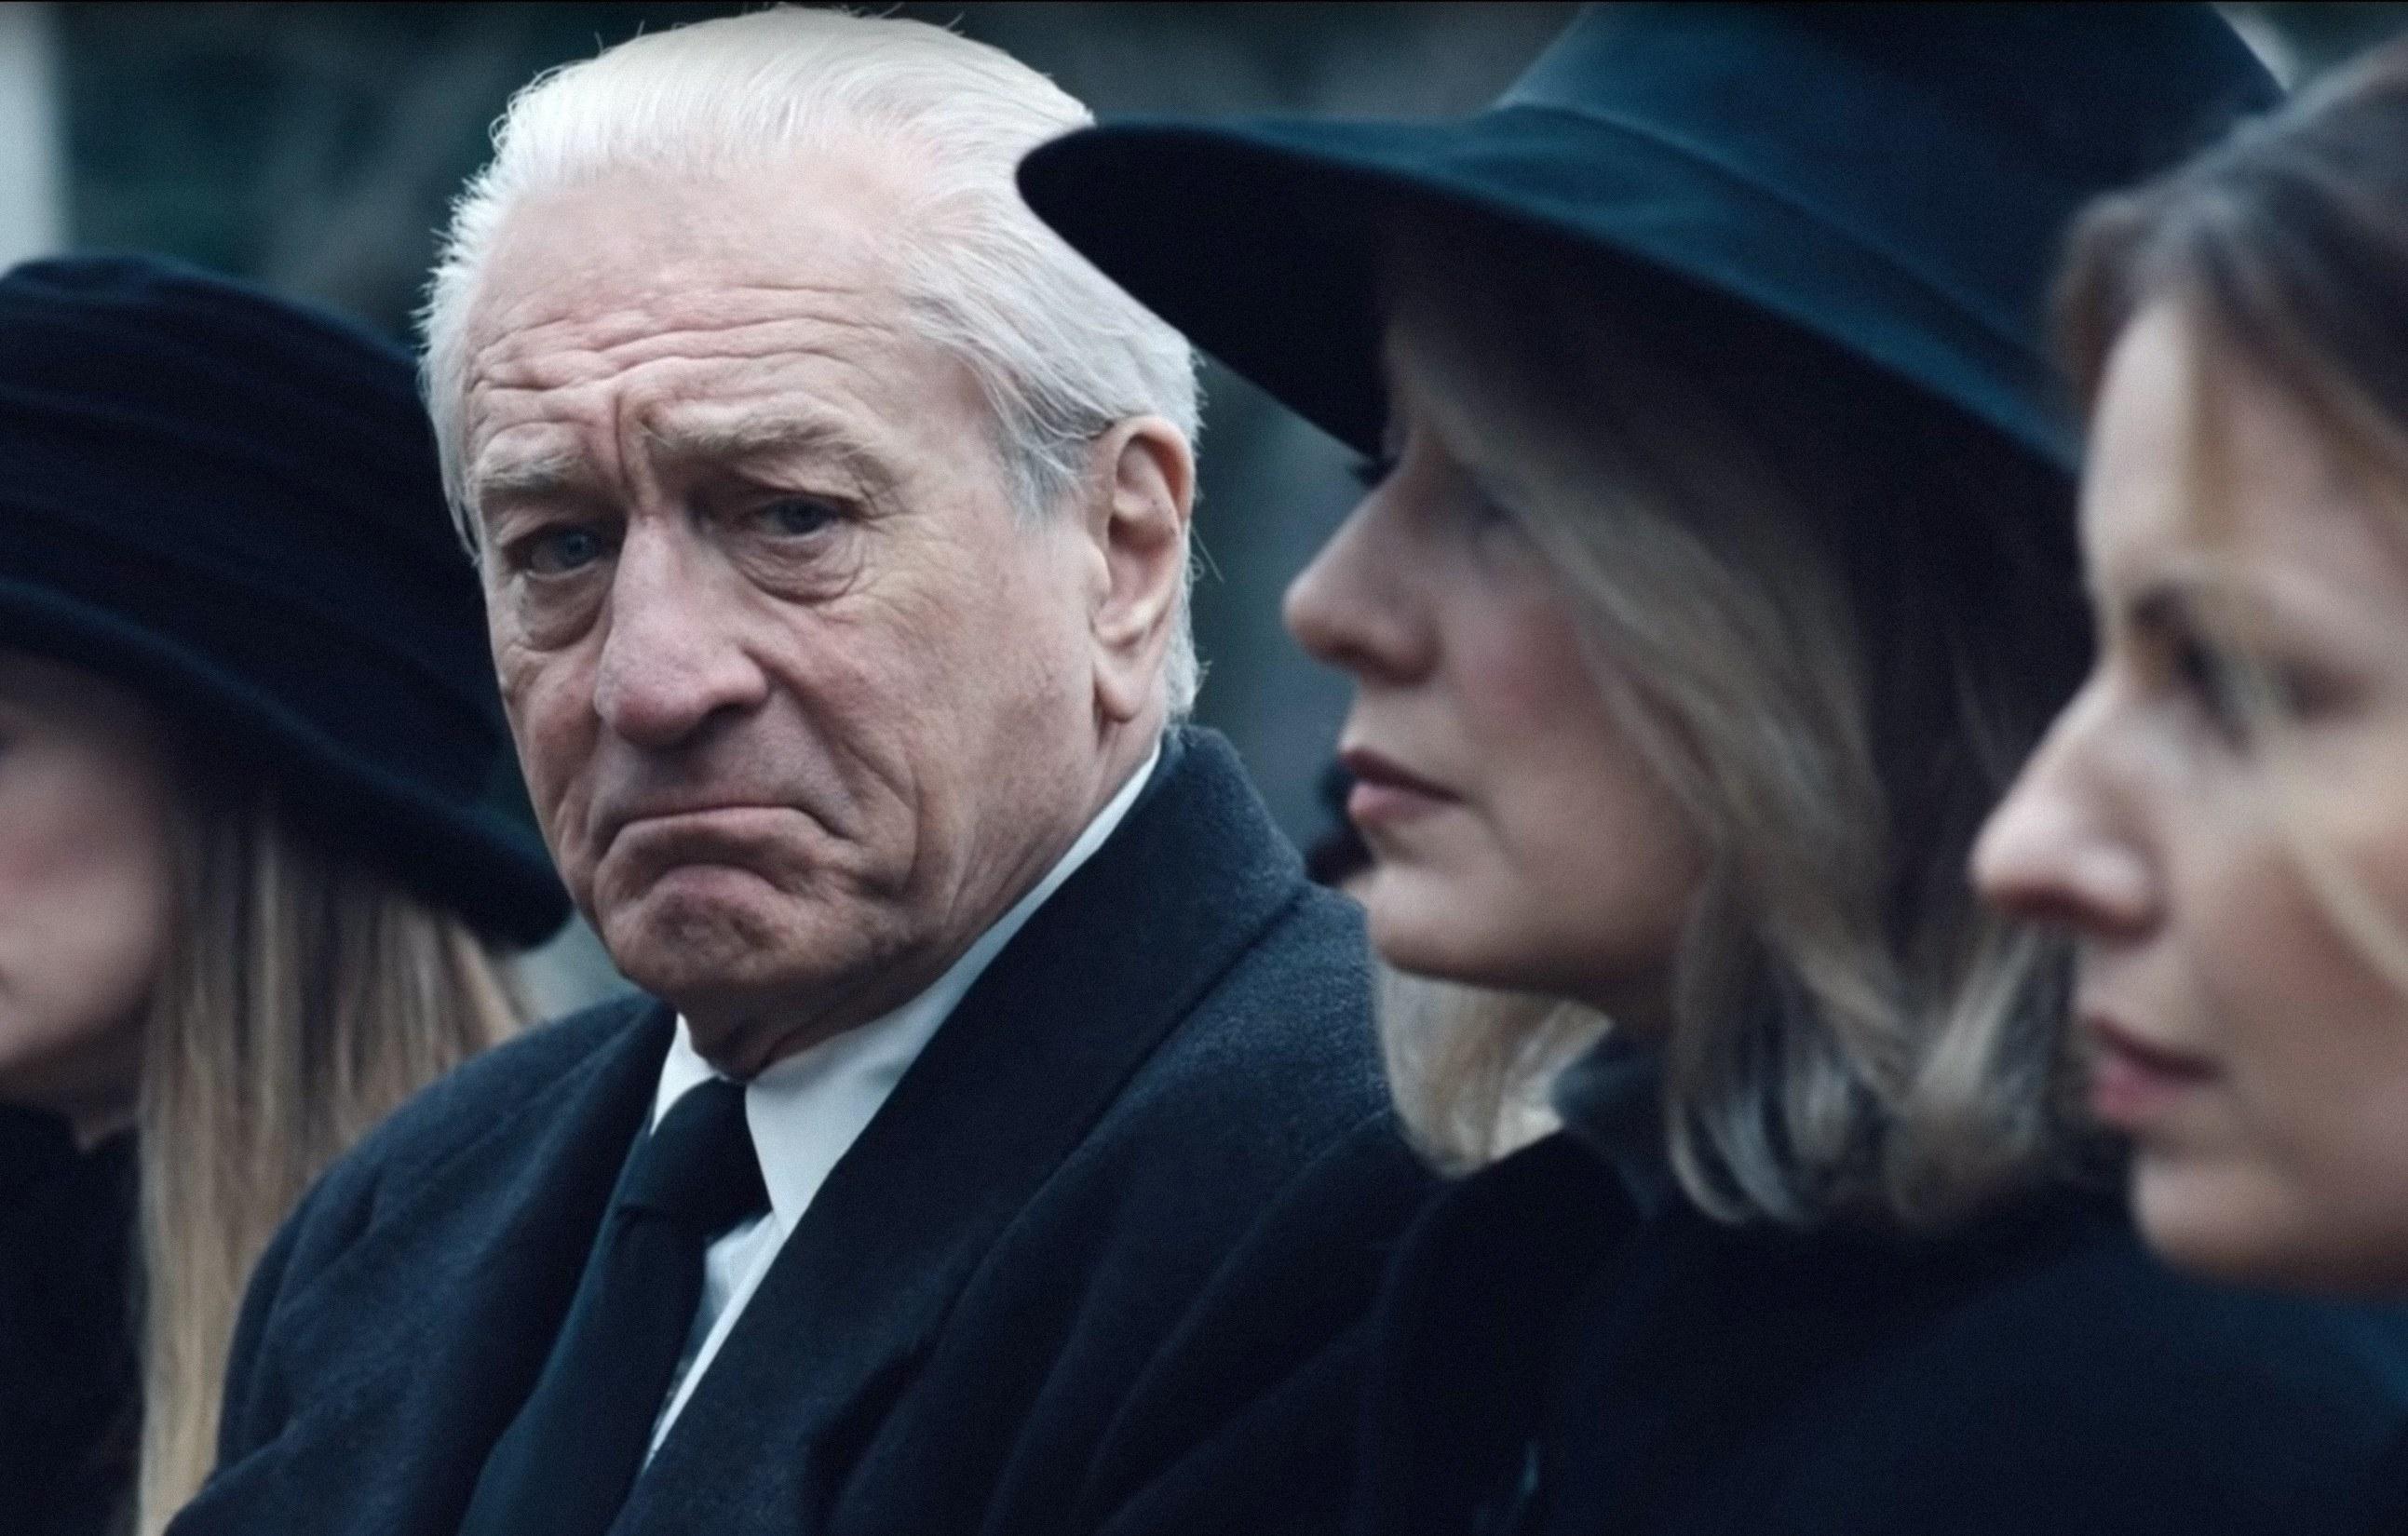 Robert De Niro at a funeral